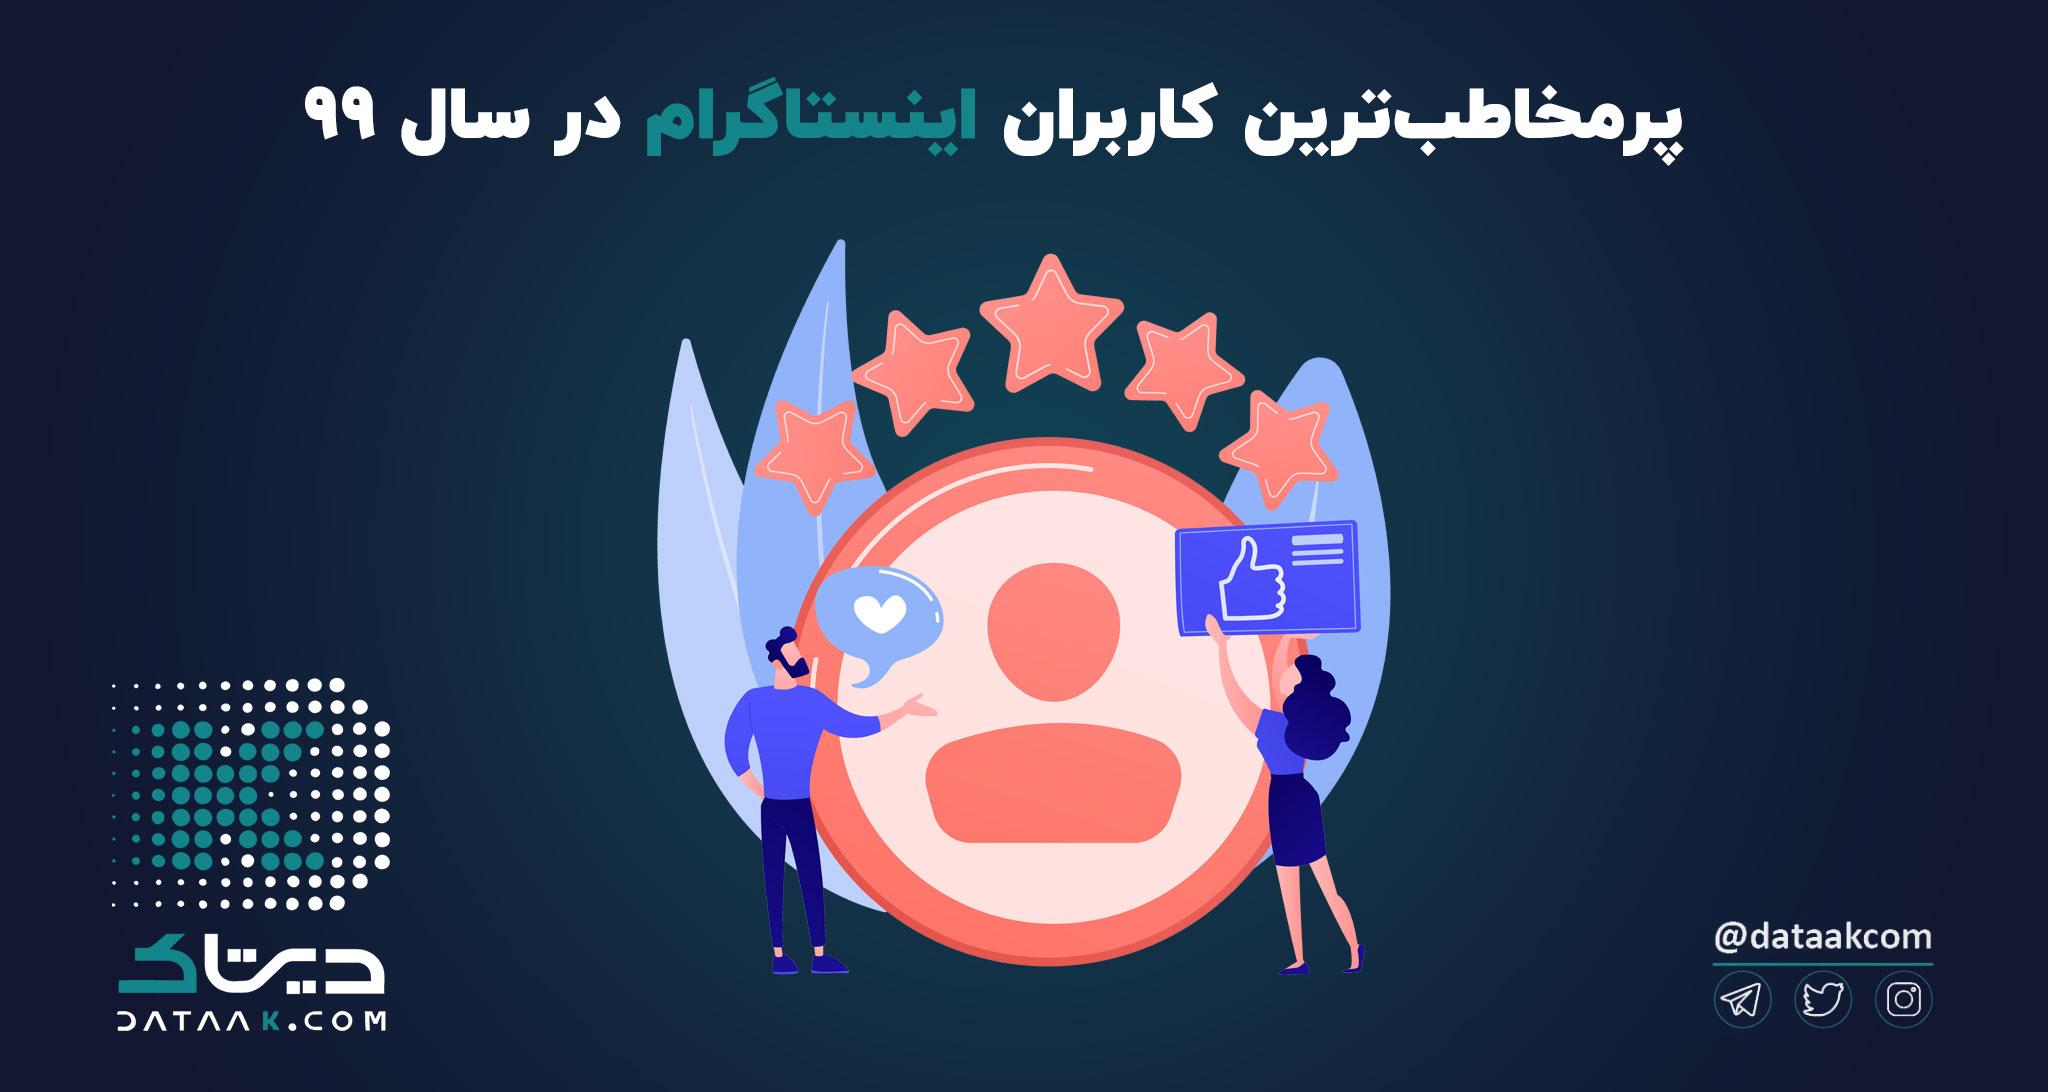 بیشترین فالوور اینستاگرام در ایران متعلق به چه کسانی است؟